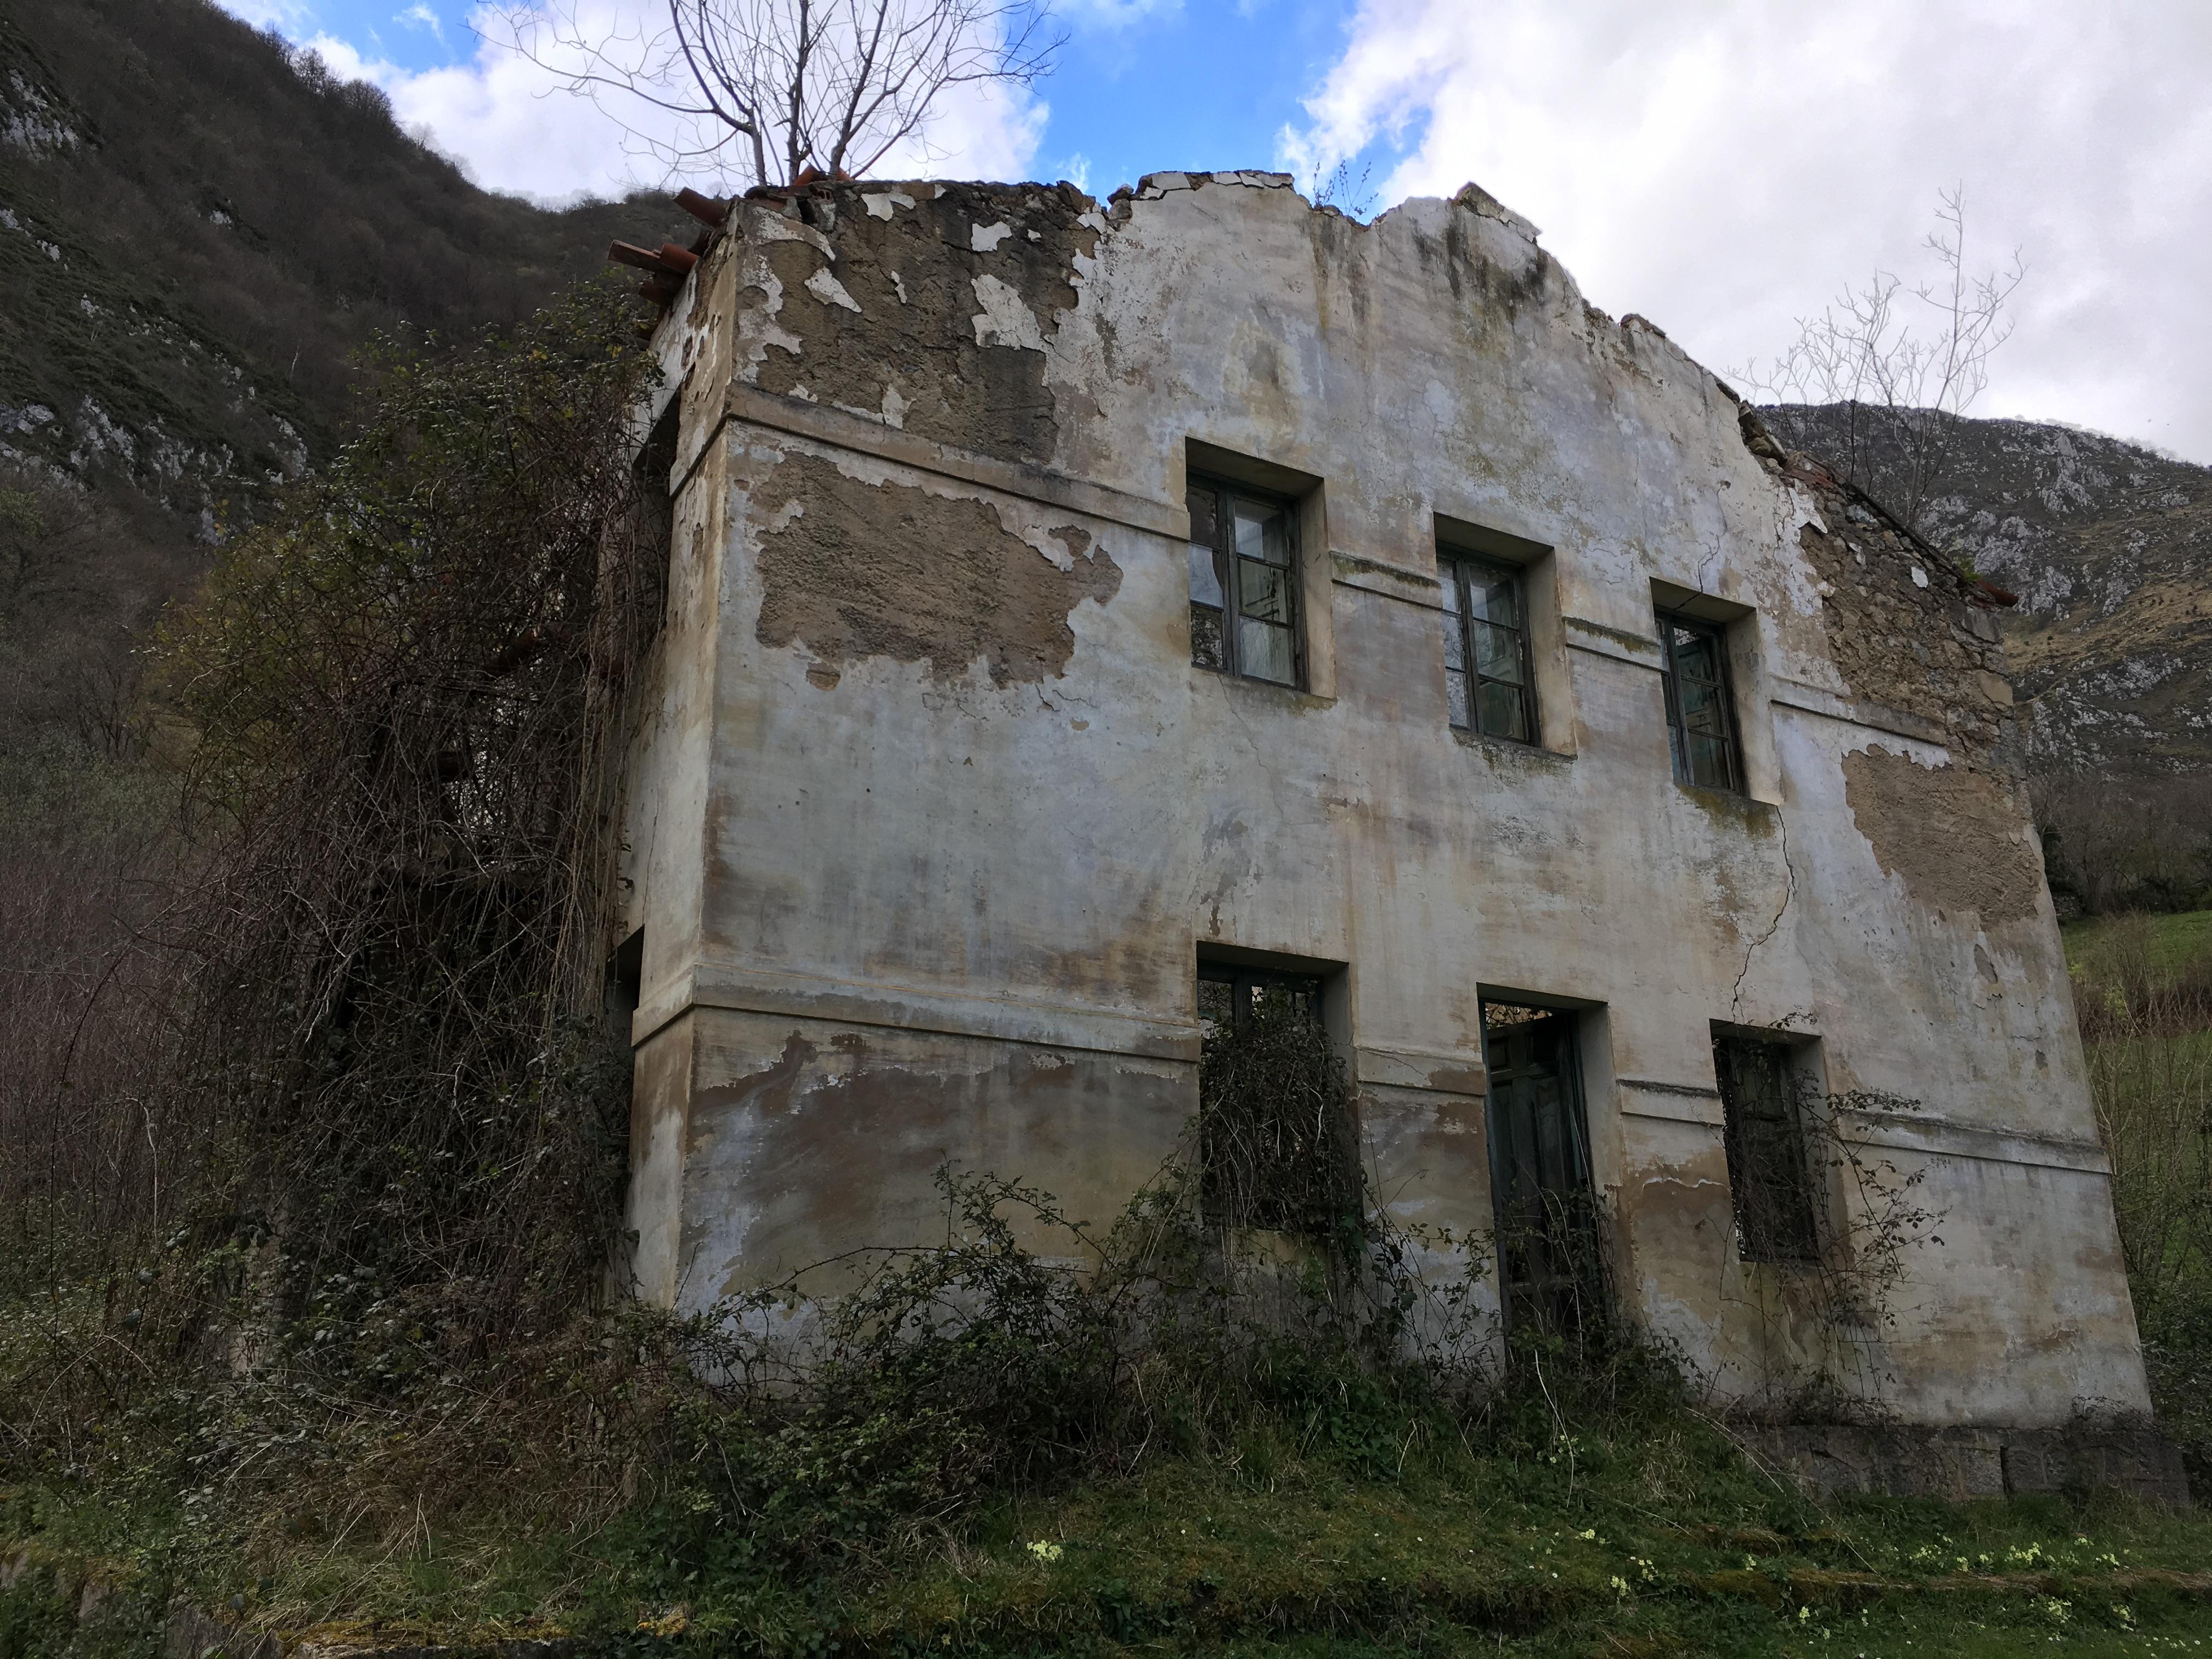 Coluvión de Llamo: Manantial del río Llamo, Casa del Guarda de la Conducción del Aramo